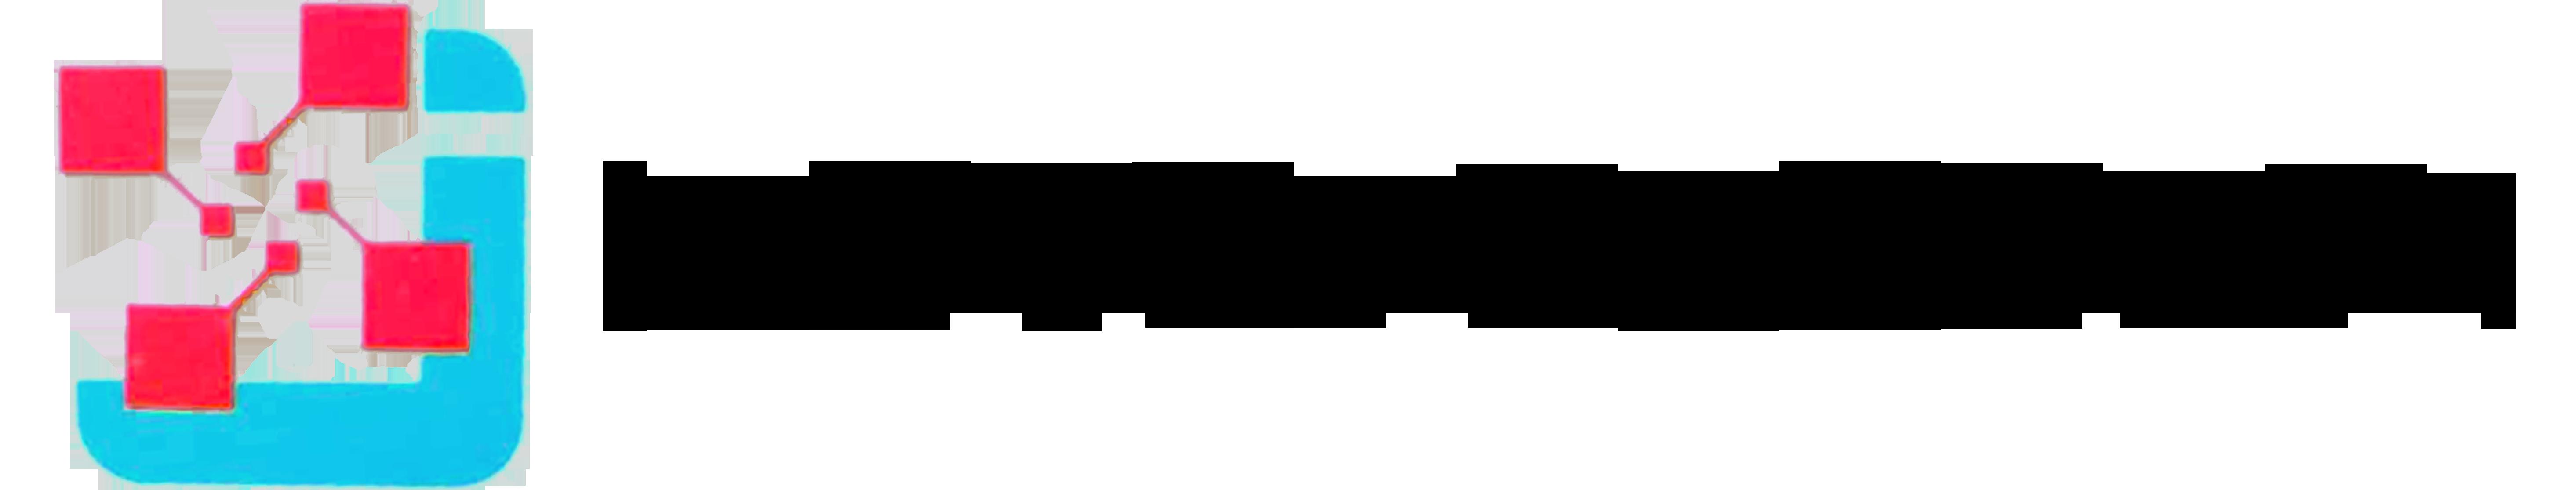 西安简序机电设备有限公司